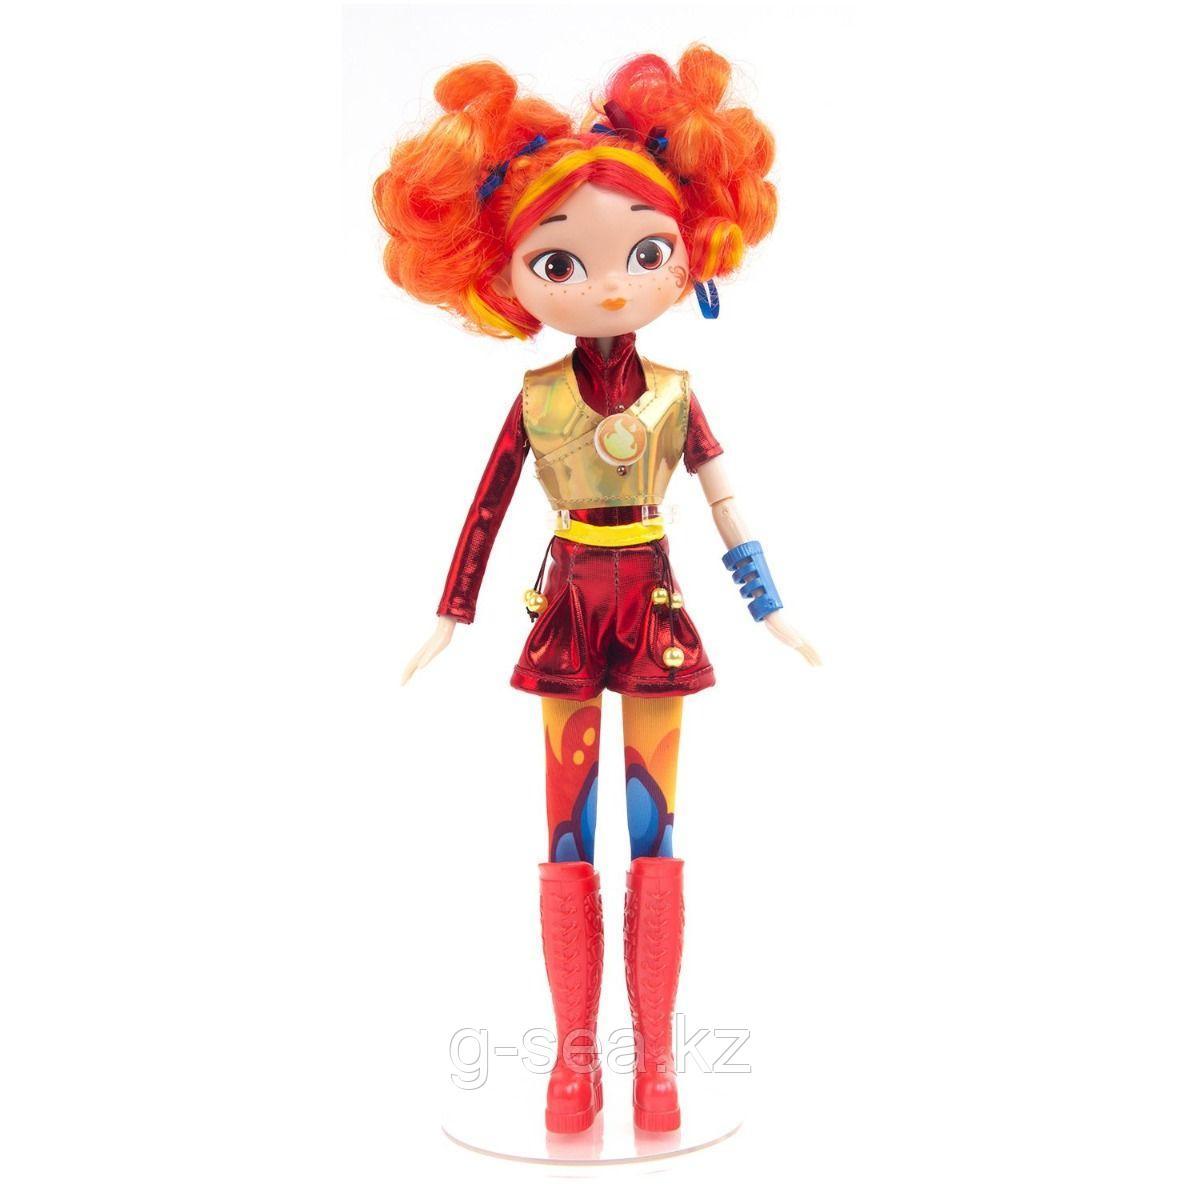 Сказочный патруль: Кукла Аленка, серия Magic New